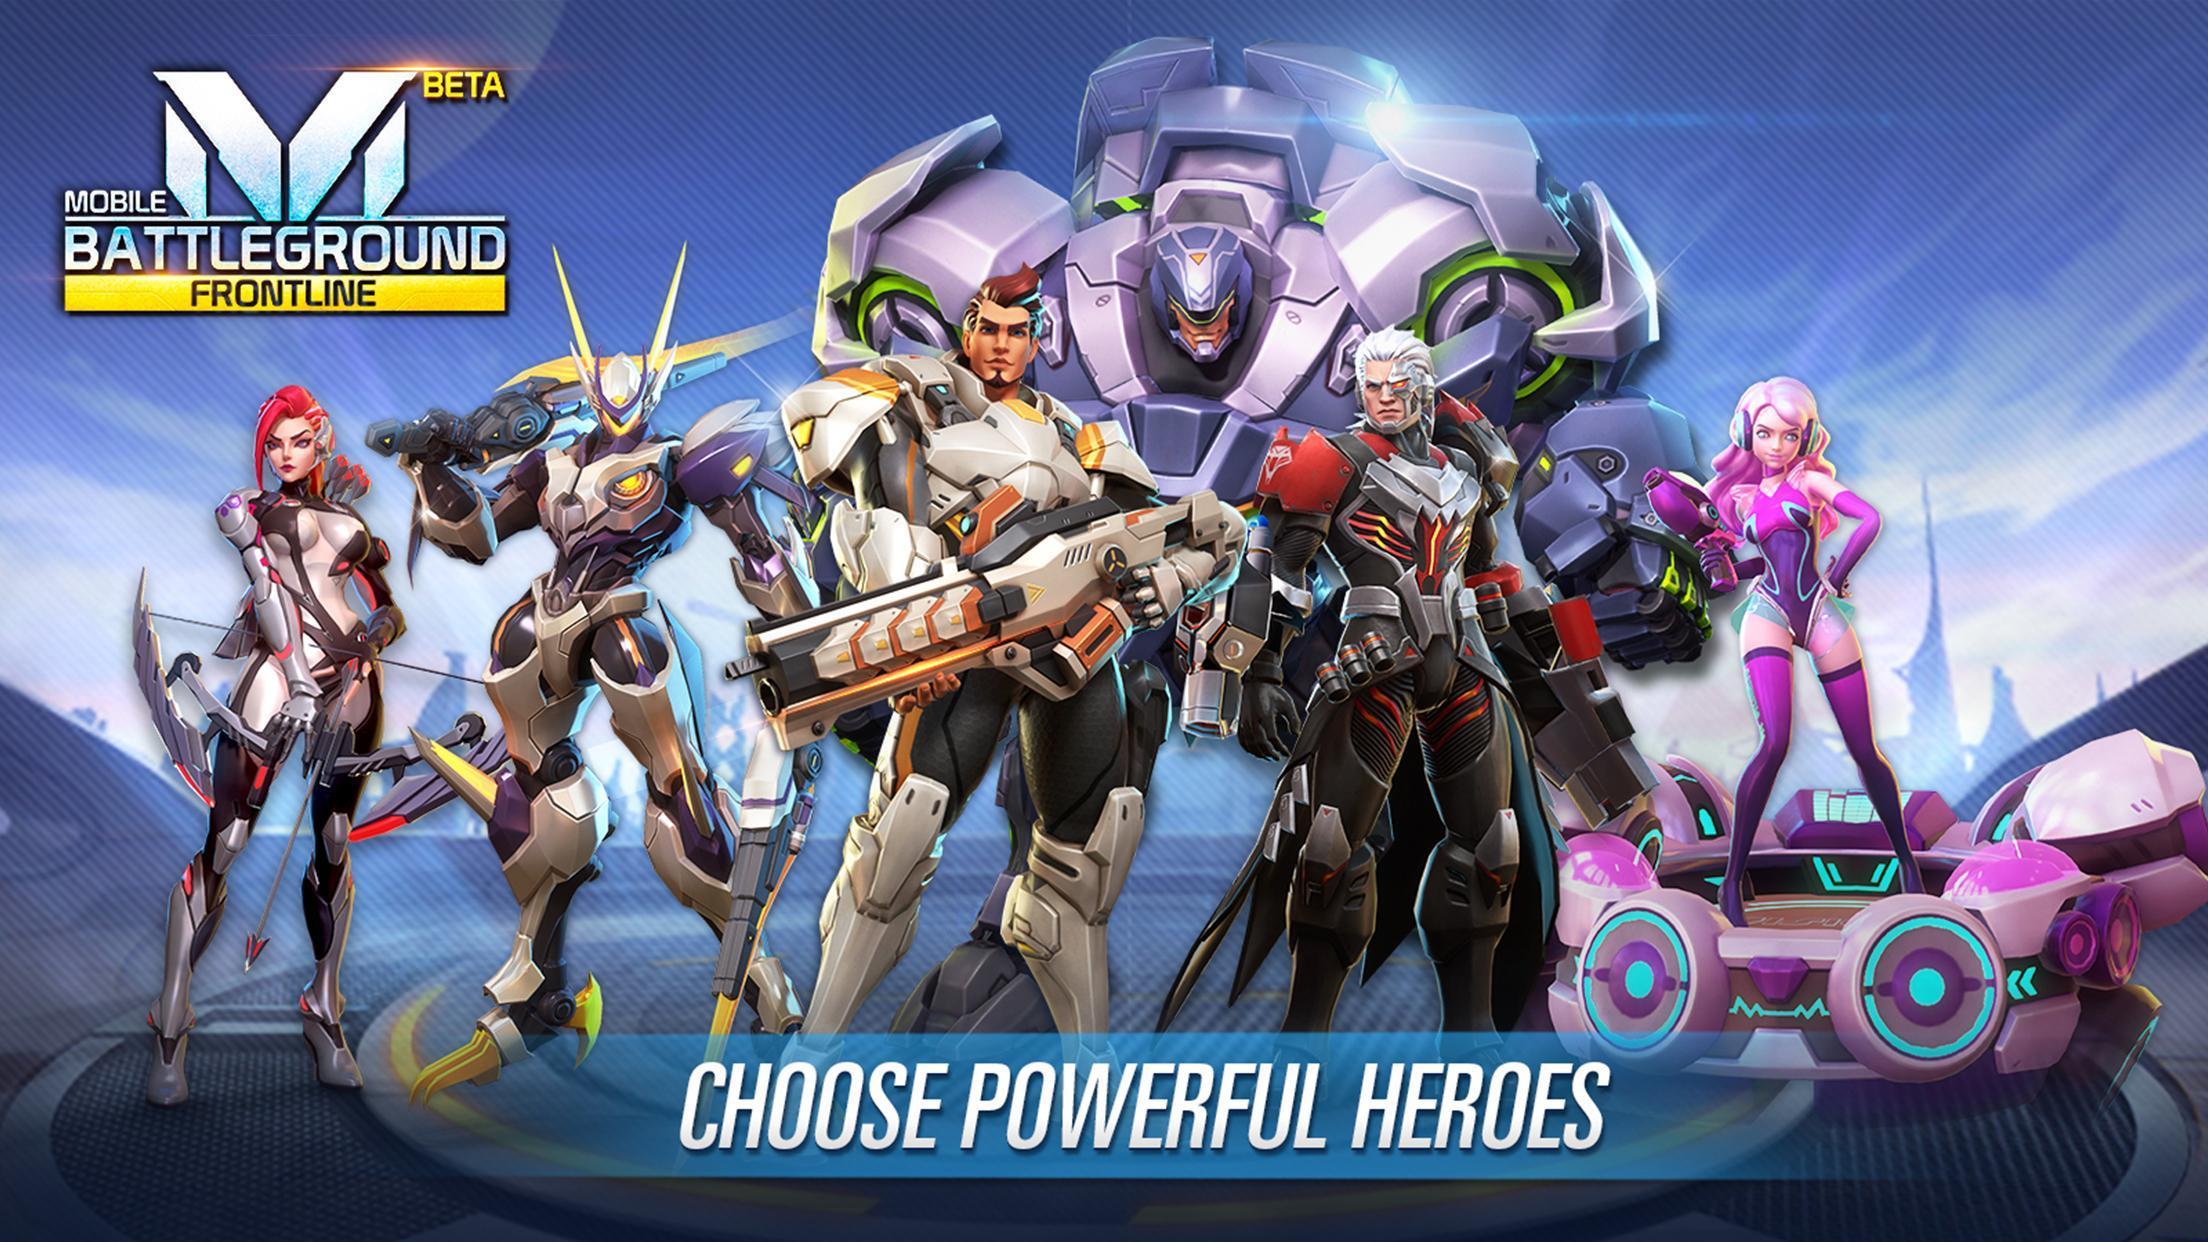 download battleground mobile